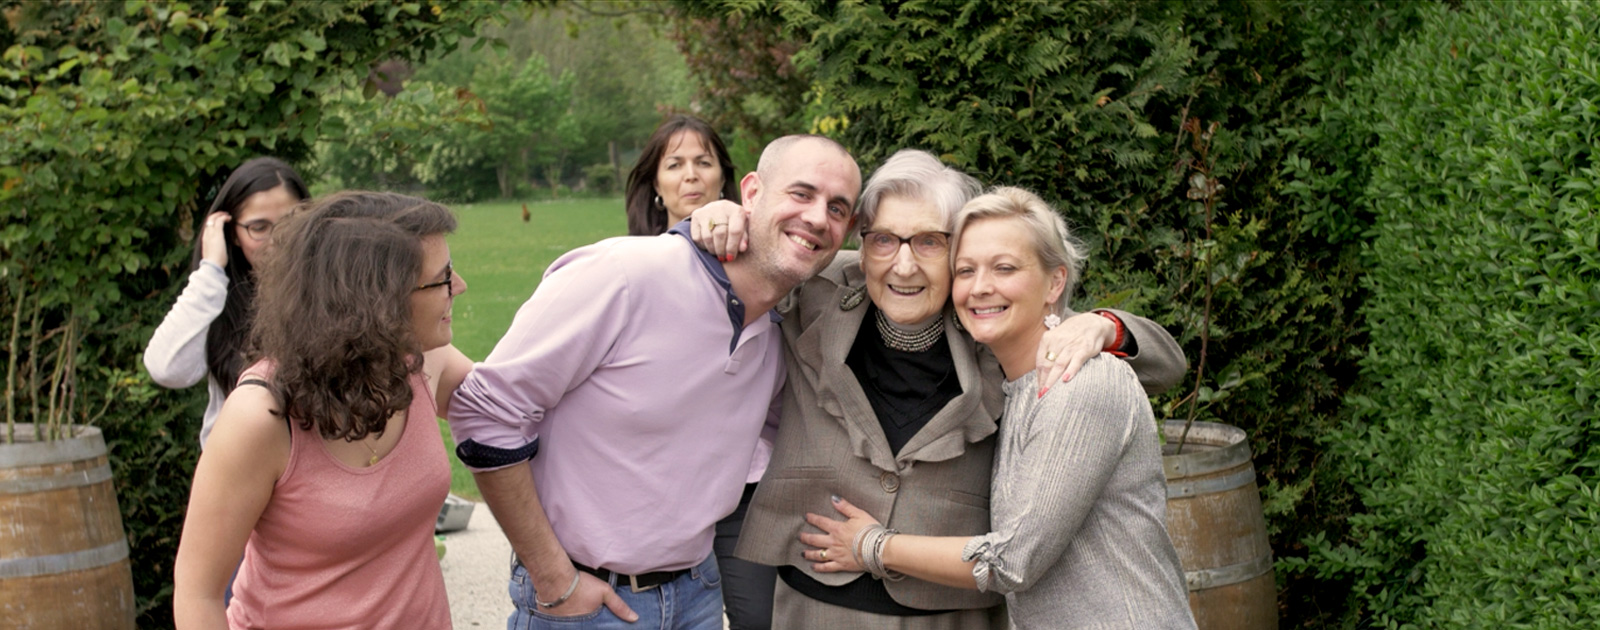 Famille d'accueil pour seniors